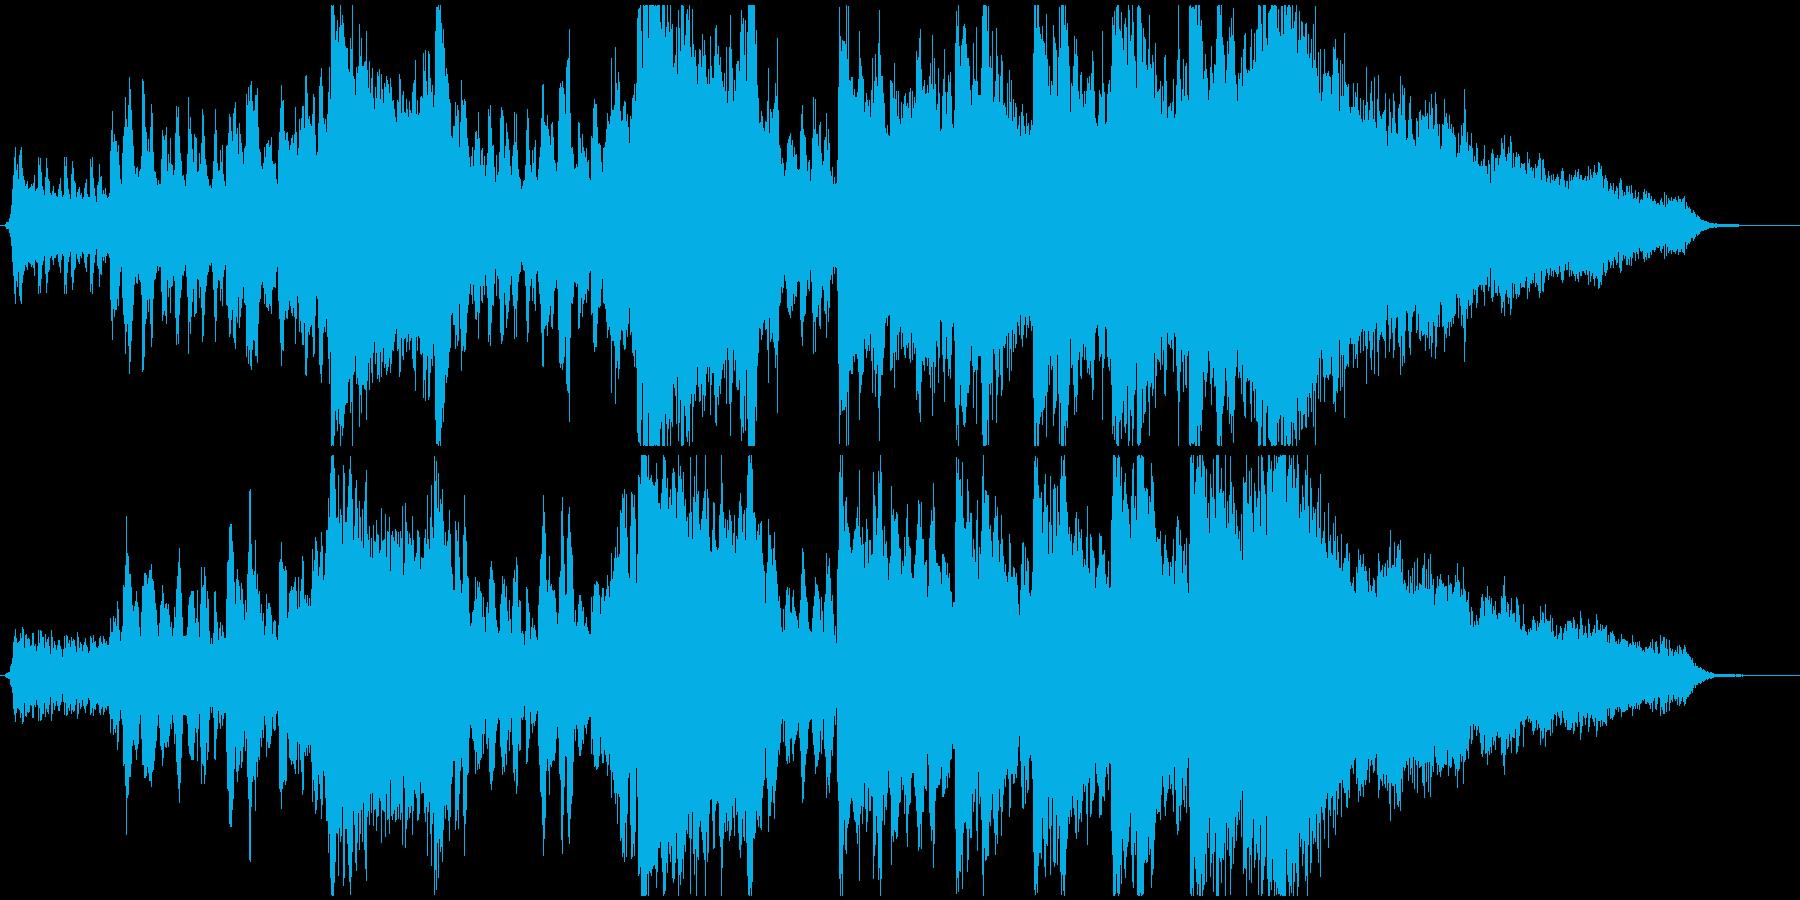 オーケストラファンタジーファンファーレの再生済みの波形